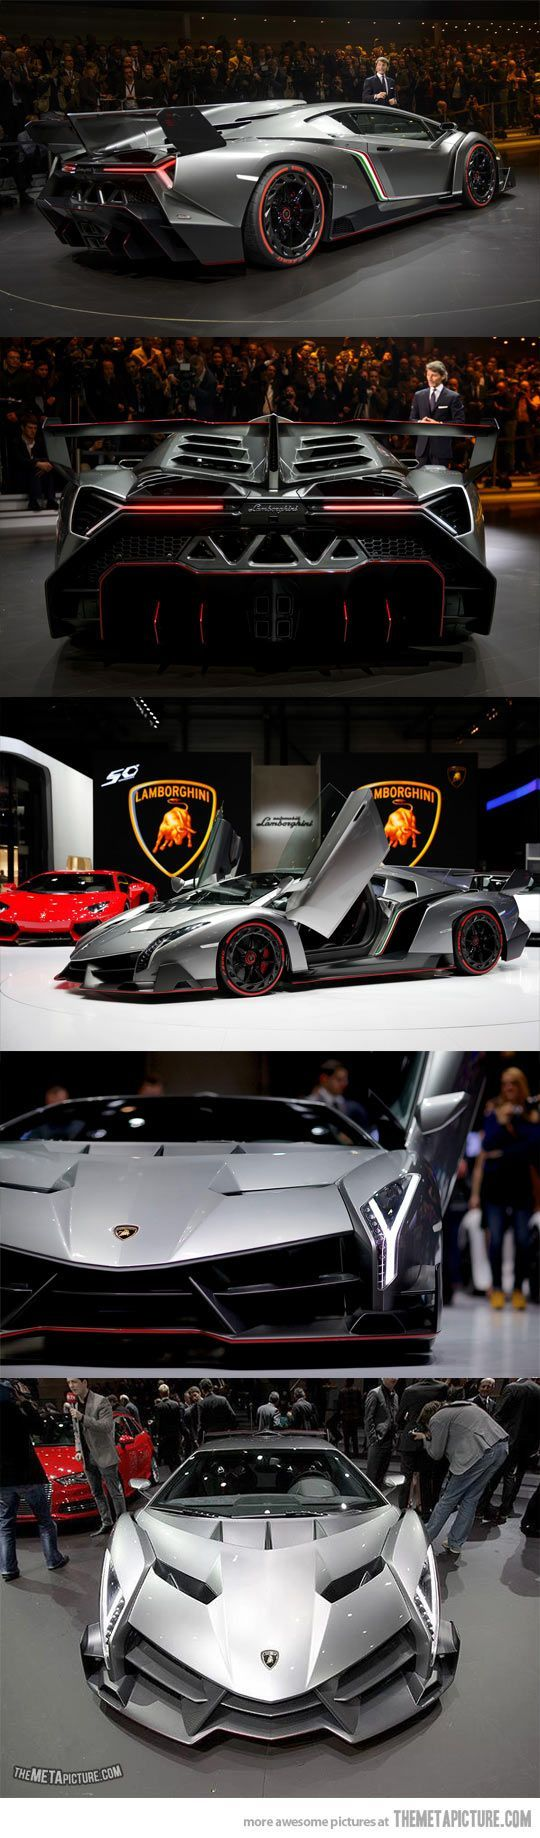 Lamborghini Veneno. Seulement 3 exemplaires dans le monde. Prix : plus de 3 millions d'euros.